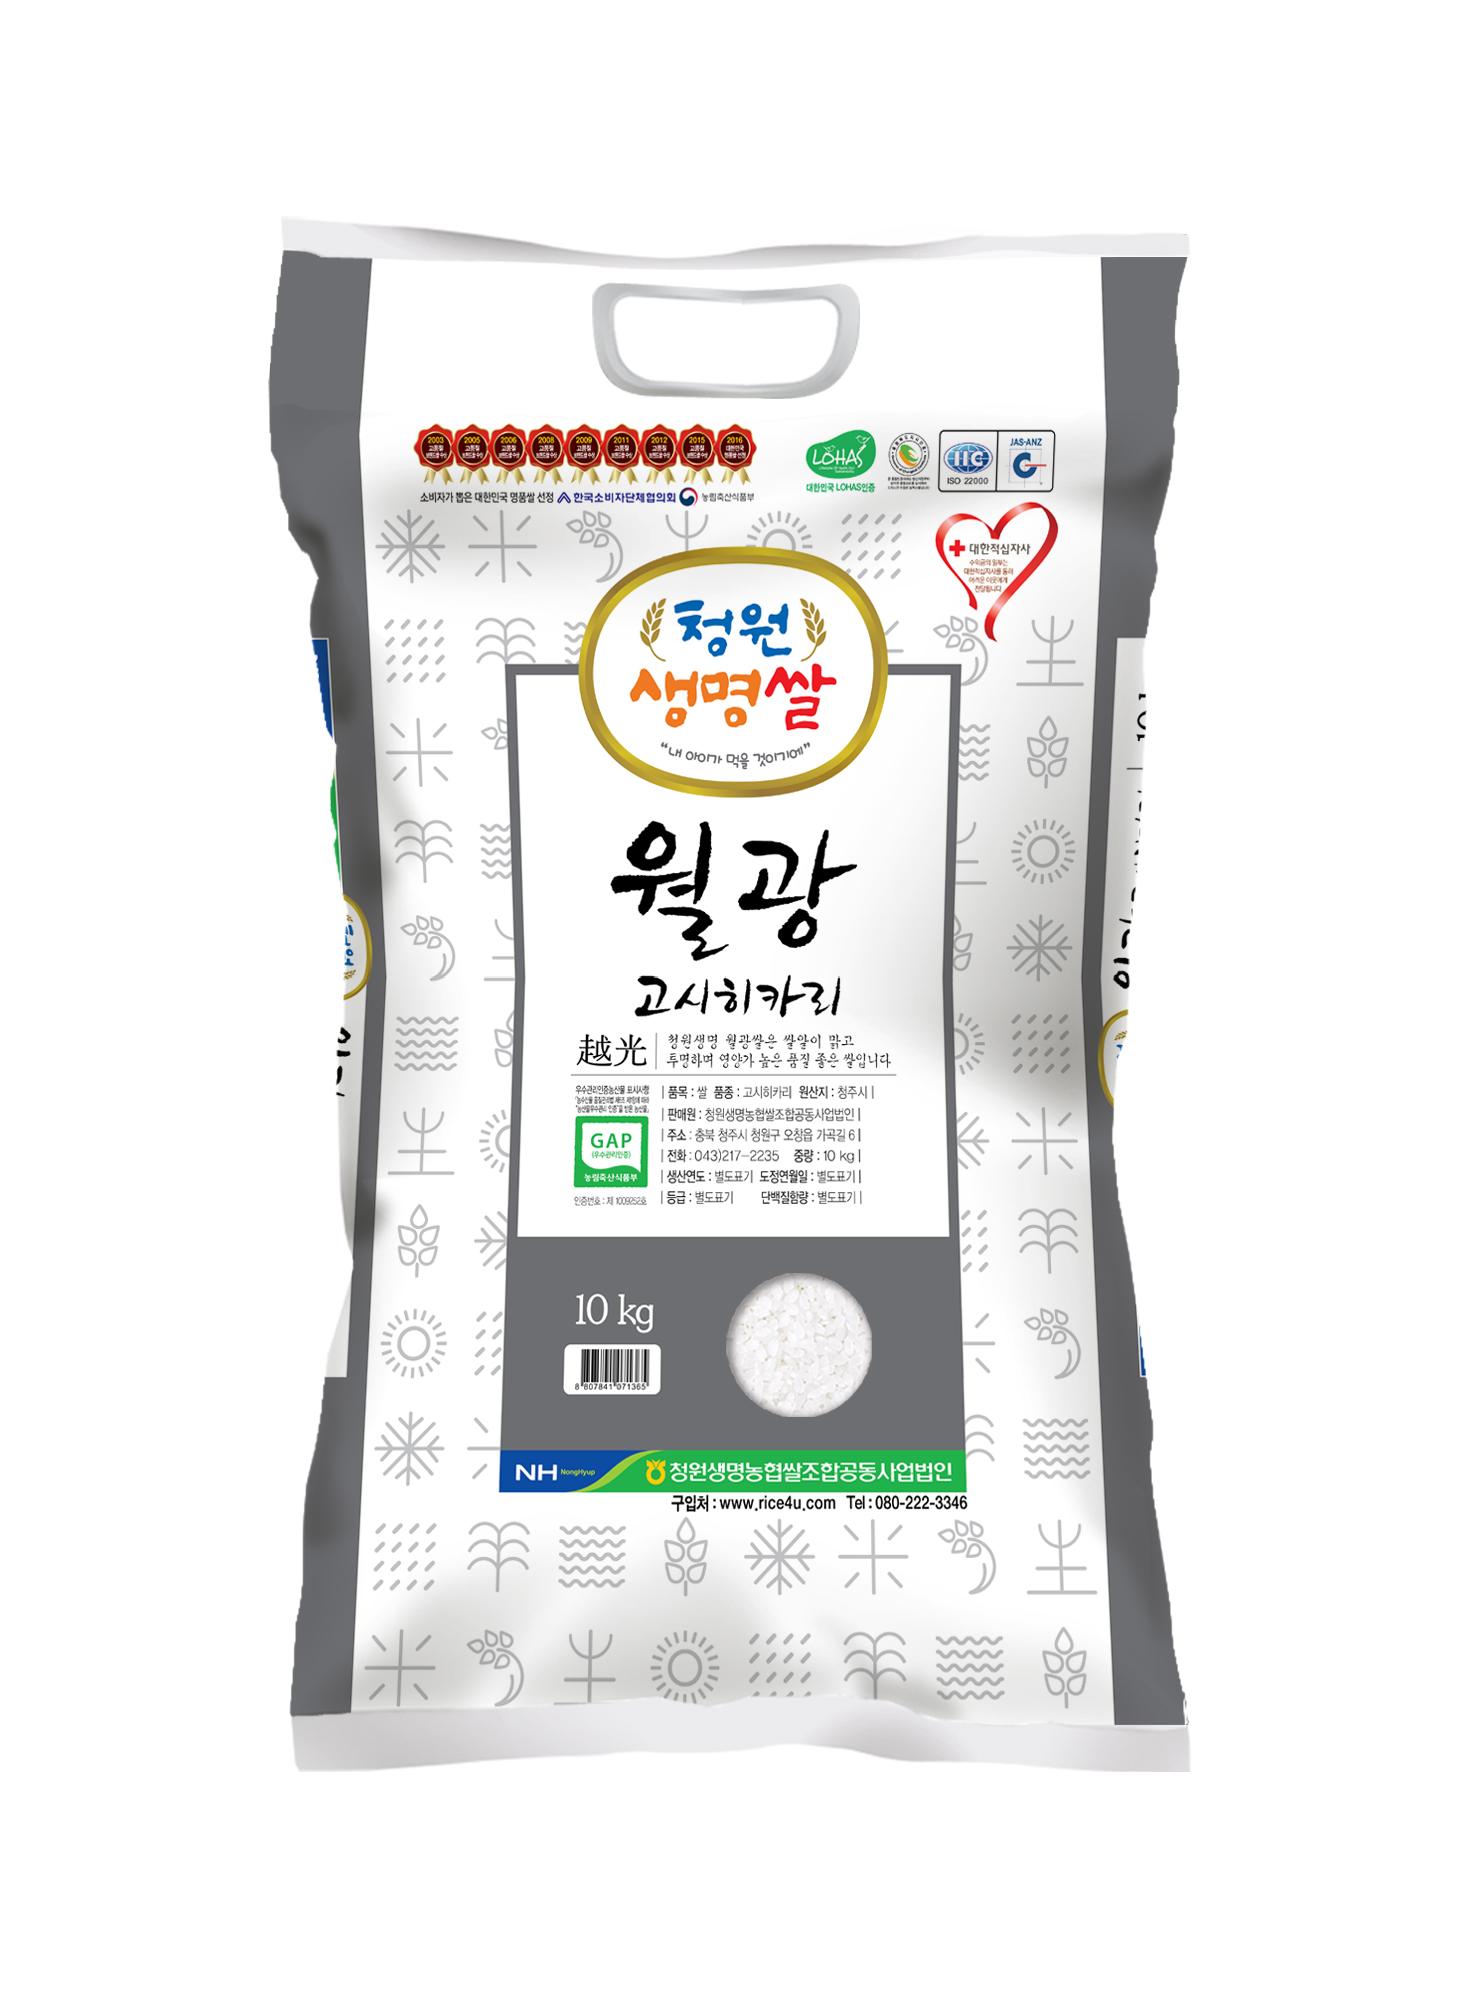 청원생명쌀 2020년 월광 고시히카리 쌀, 10kg, 1개